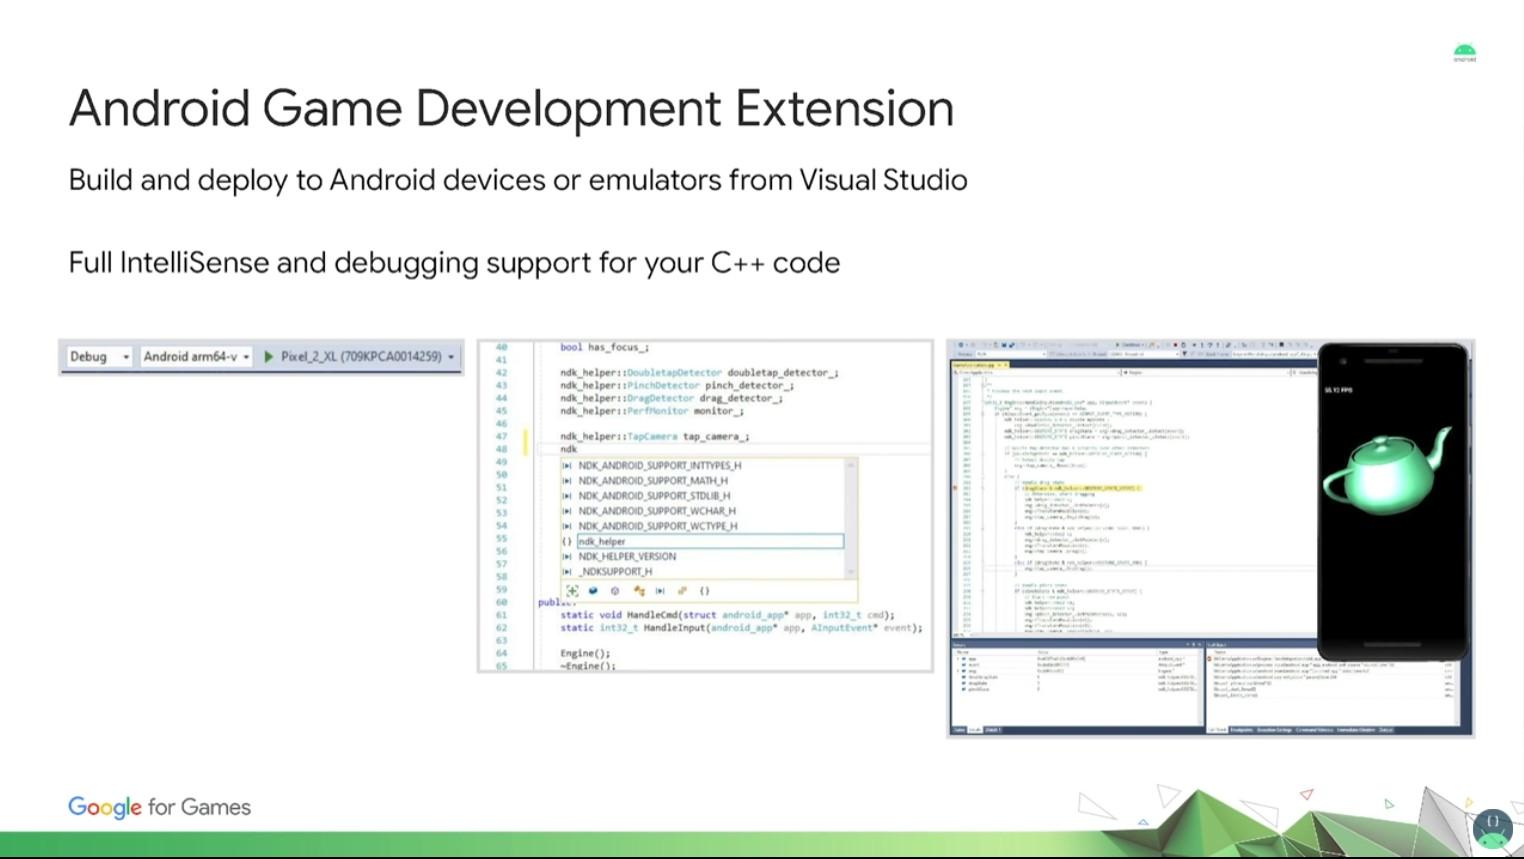 「Visual Studio」専用の拡張機能を提供してAndroidをプラットフォームターゲットとして追加できるように